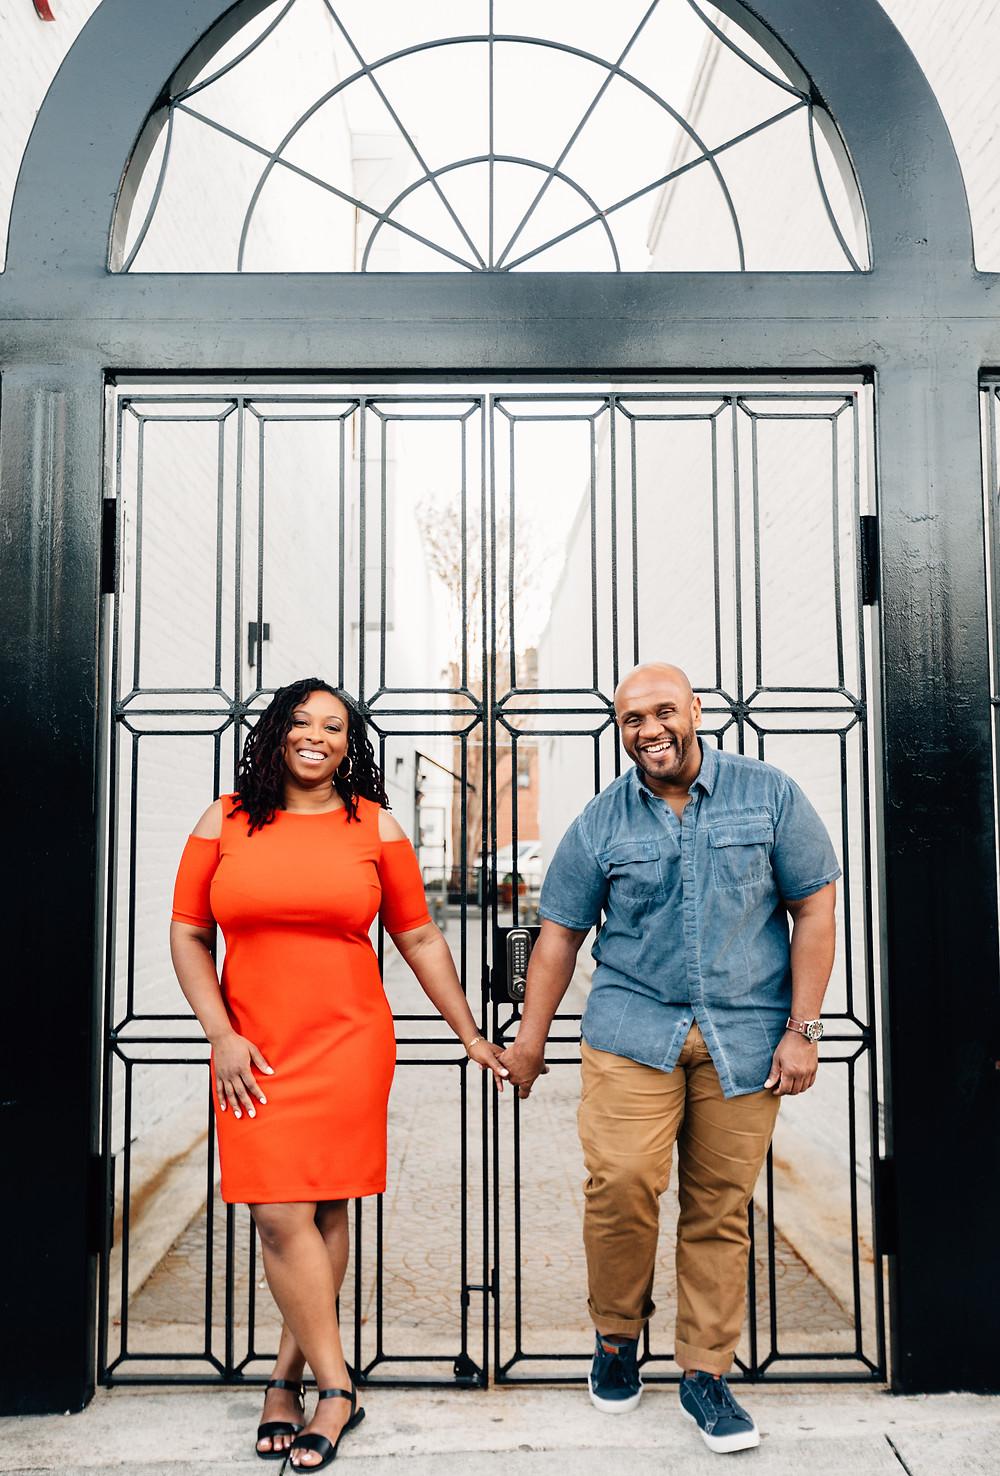 Decatur Square rod iron gate